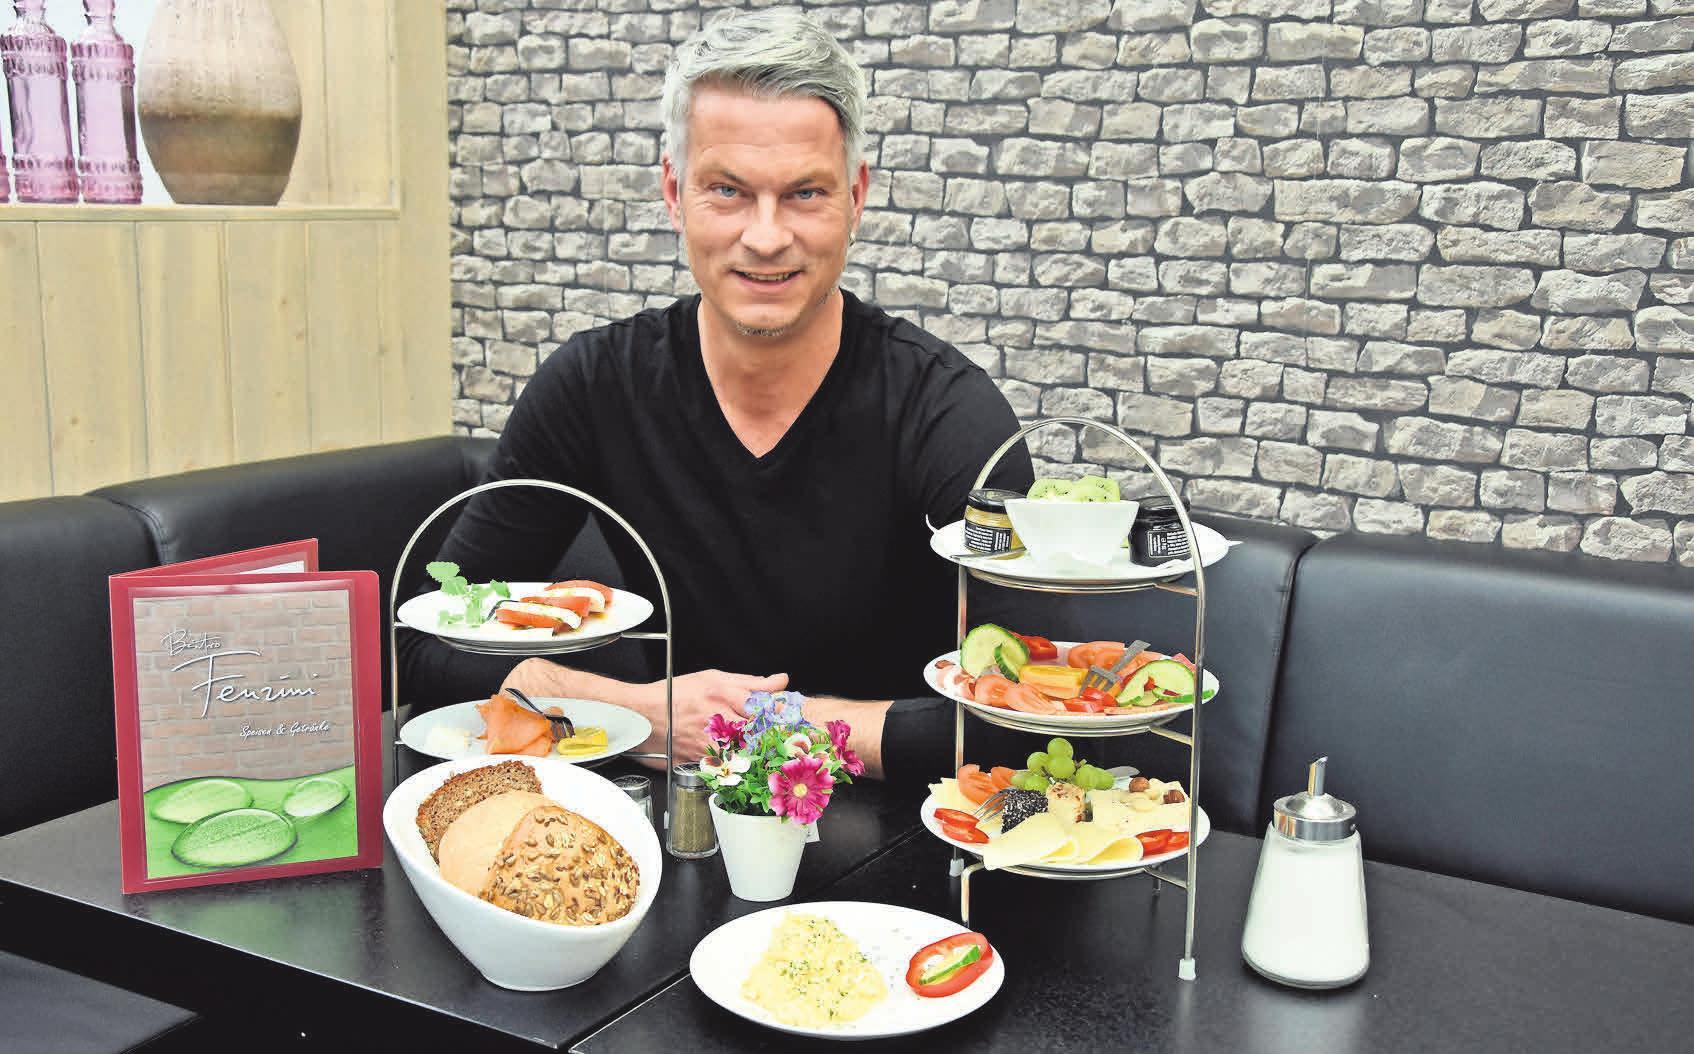 GAUMENFREUDEN: Mattias Müller und sein Team sind voller Elan dabei, wenn es um die Zubereitung von leckeren Speisen geht. Gruppen und Gesellschaften bis zu 50 Personen können im Fenzini feiern und genießen. Nicolas Willimek